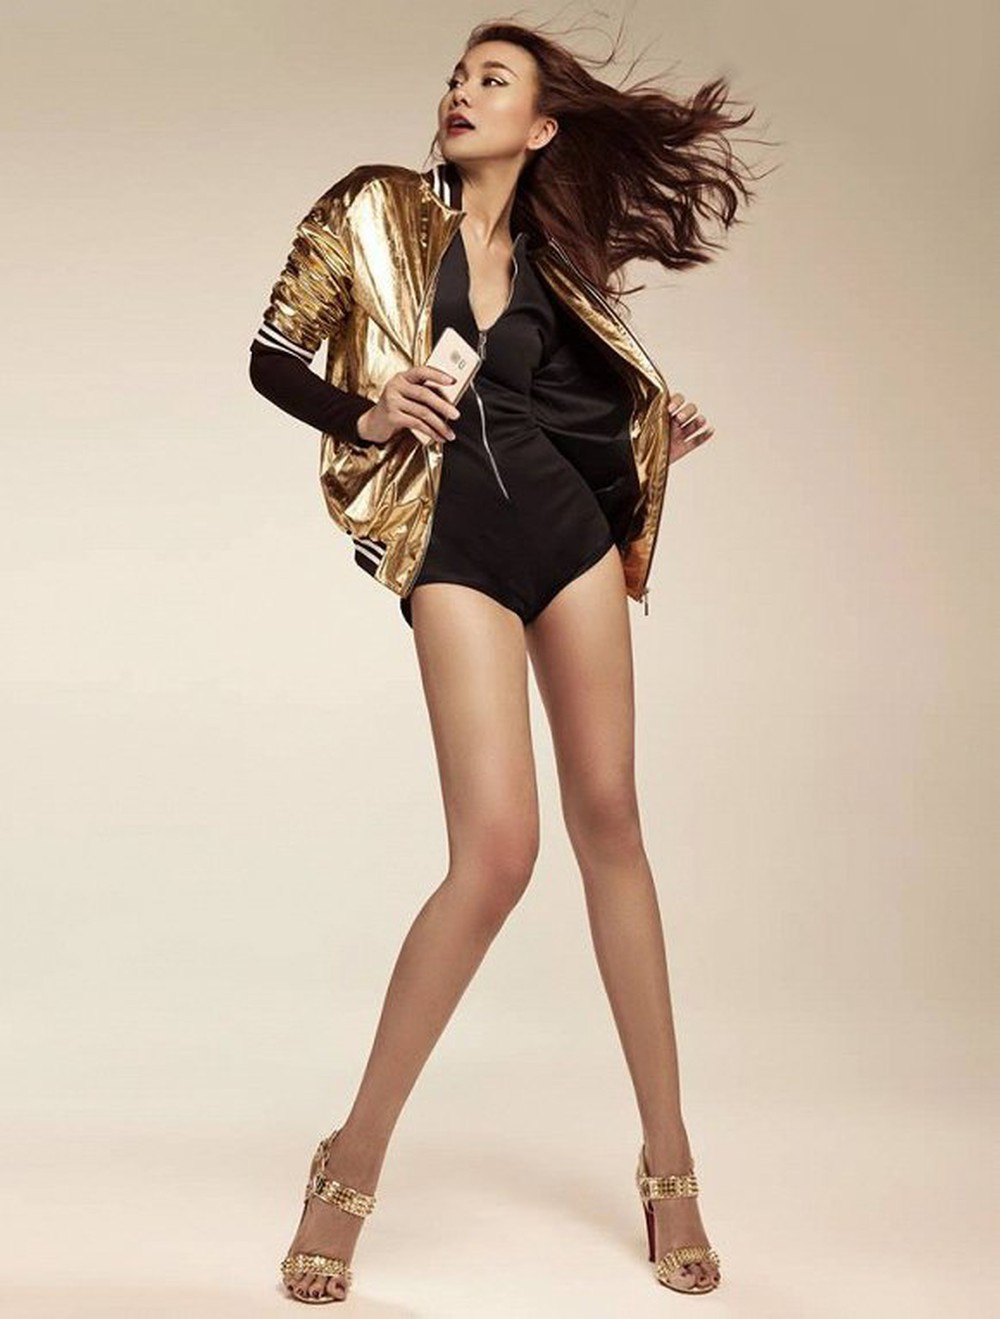 Đây là cô gái có đôi chân đẹp nhất Việt Nam? - hình ảnh 3